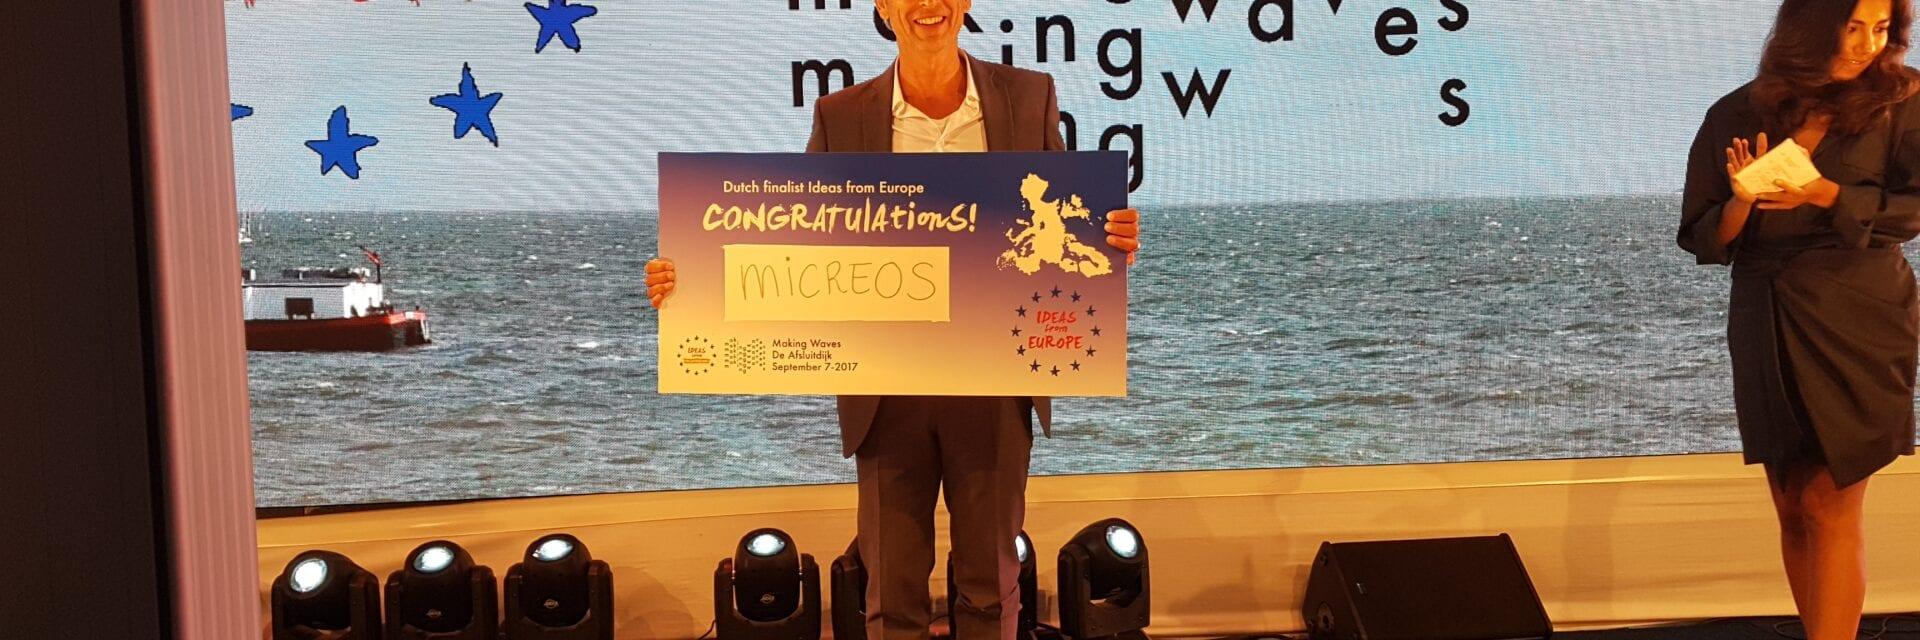 Micreos krijgt een prijs voor de beste innovatie van Nederland. Een man staat op het podium en houdt een cheque omhoog.